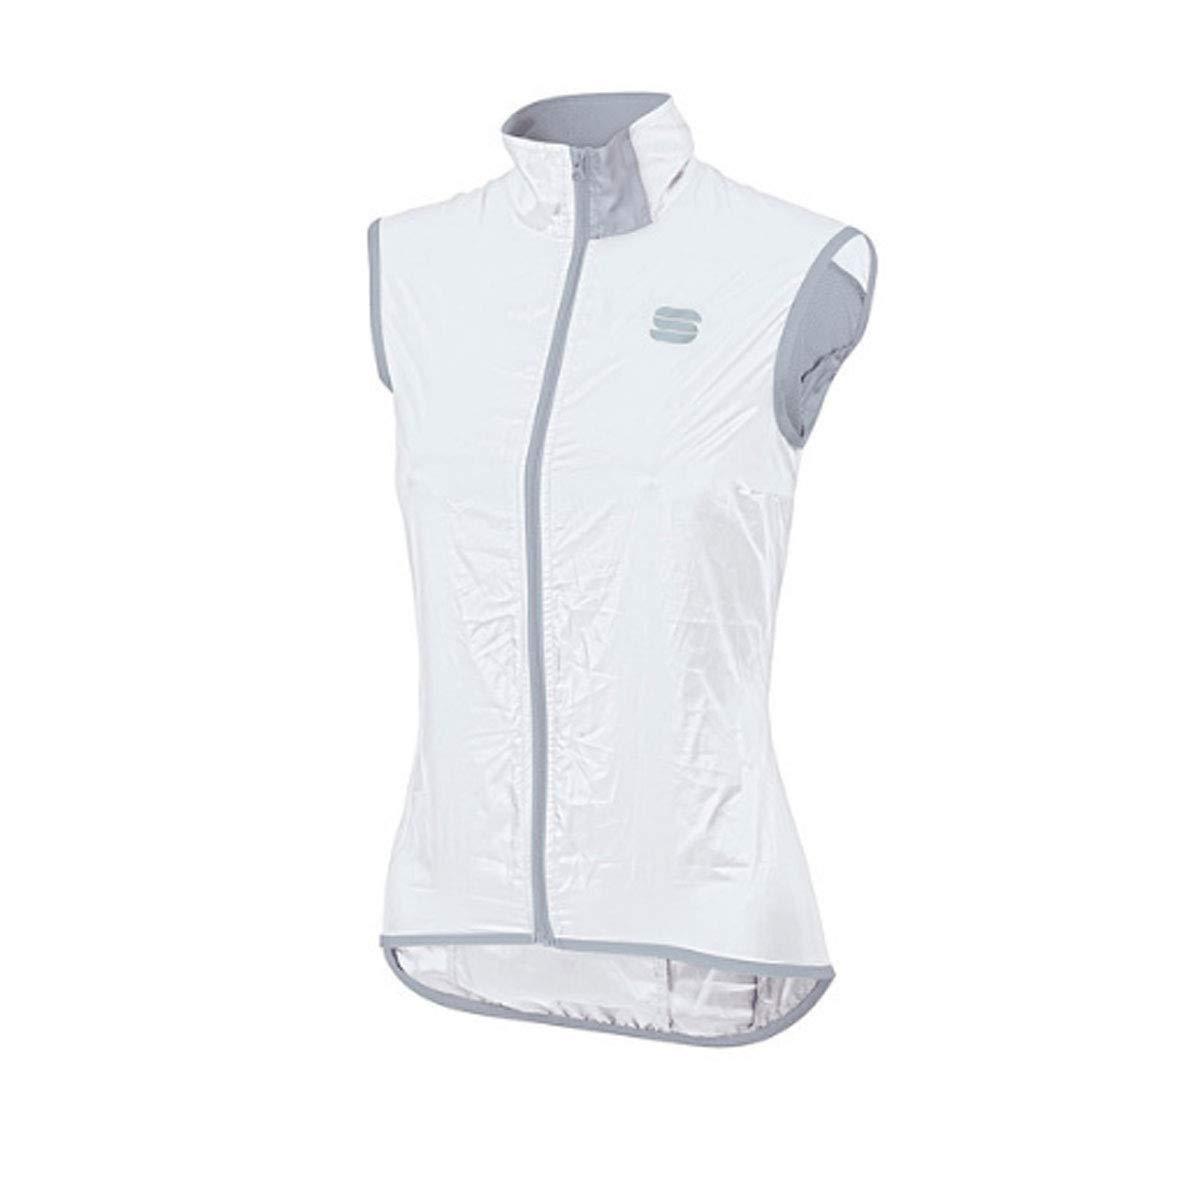 Sportful Hot Pack Easylight Vest Women - White